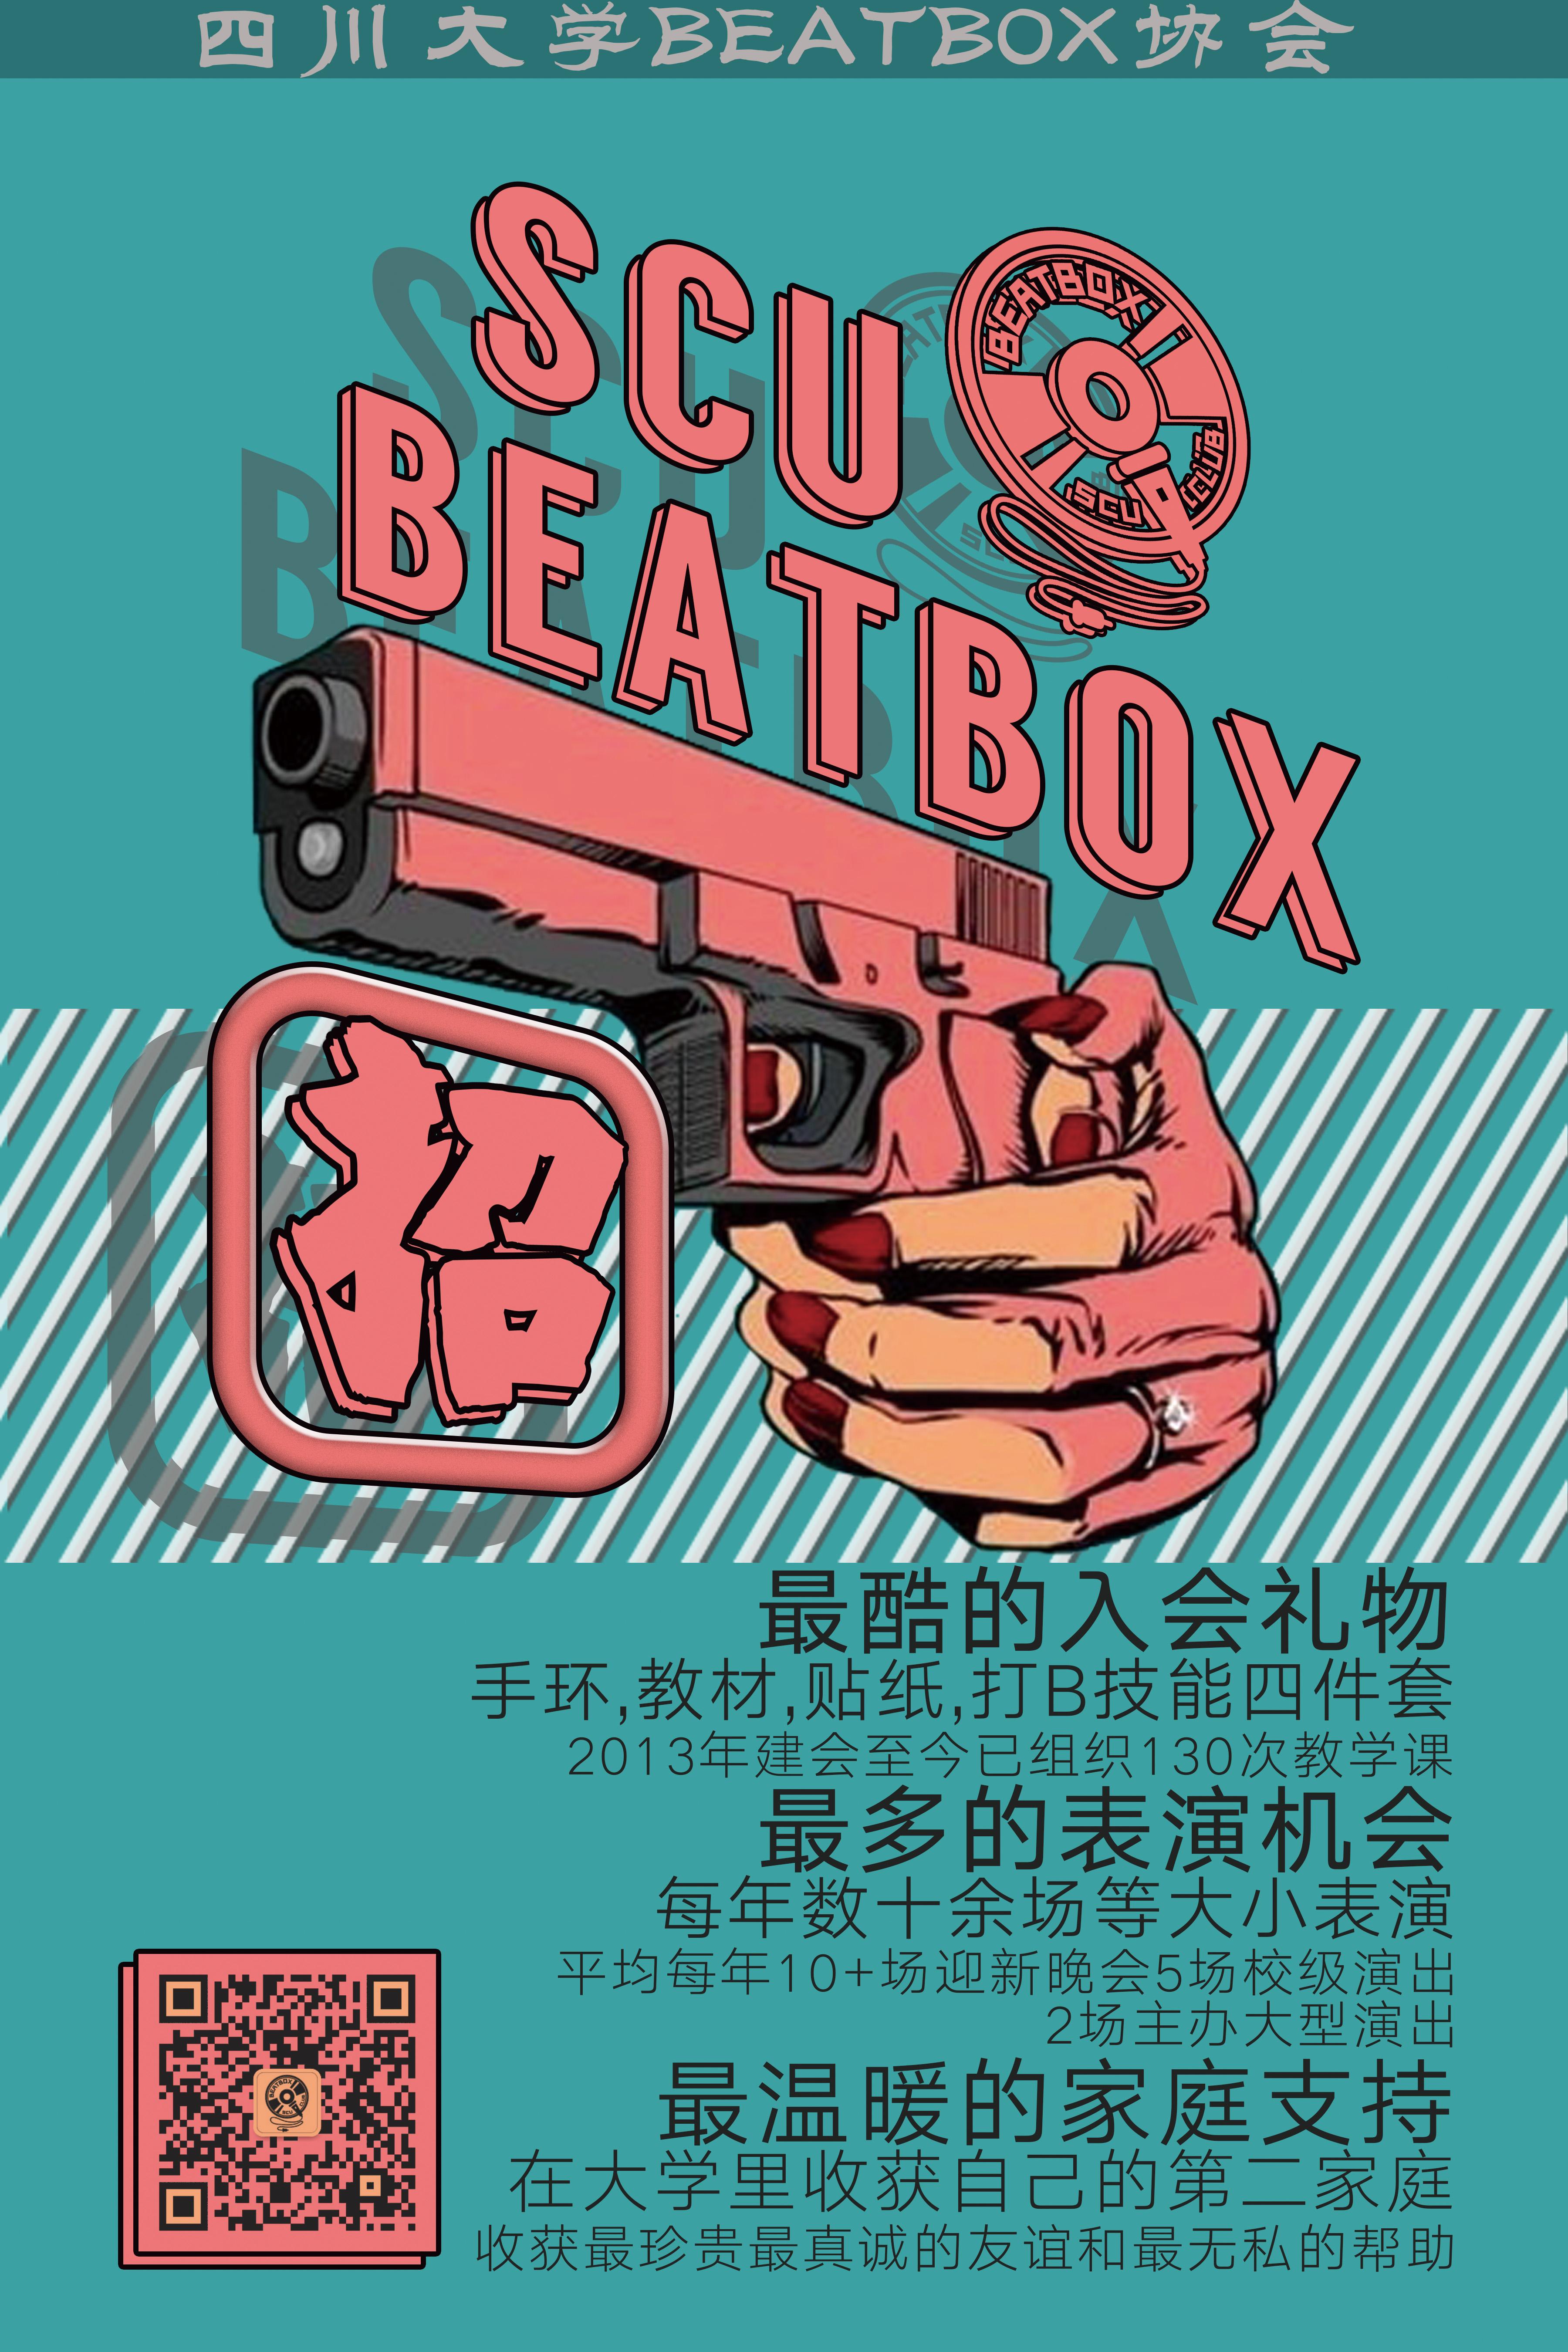 四川大学beatbox协会2016招新宣传设计 平面 海报 tao